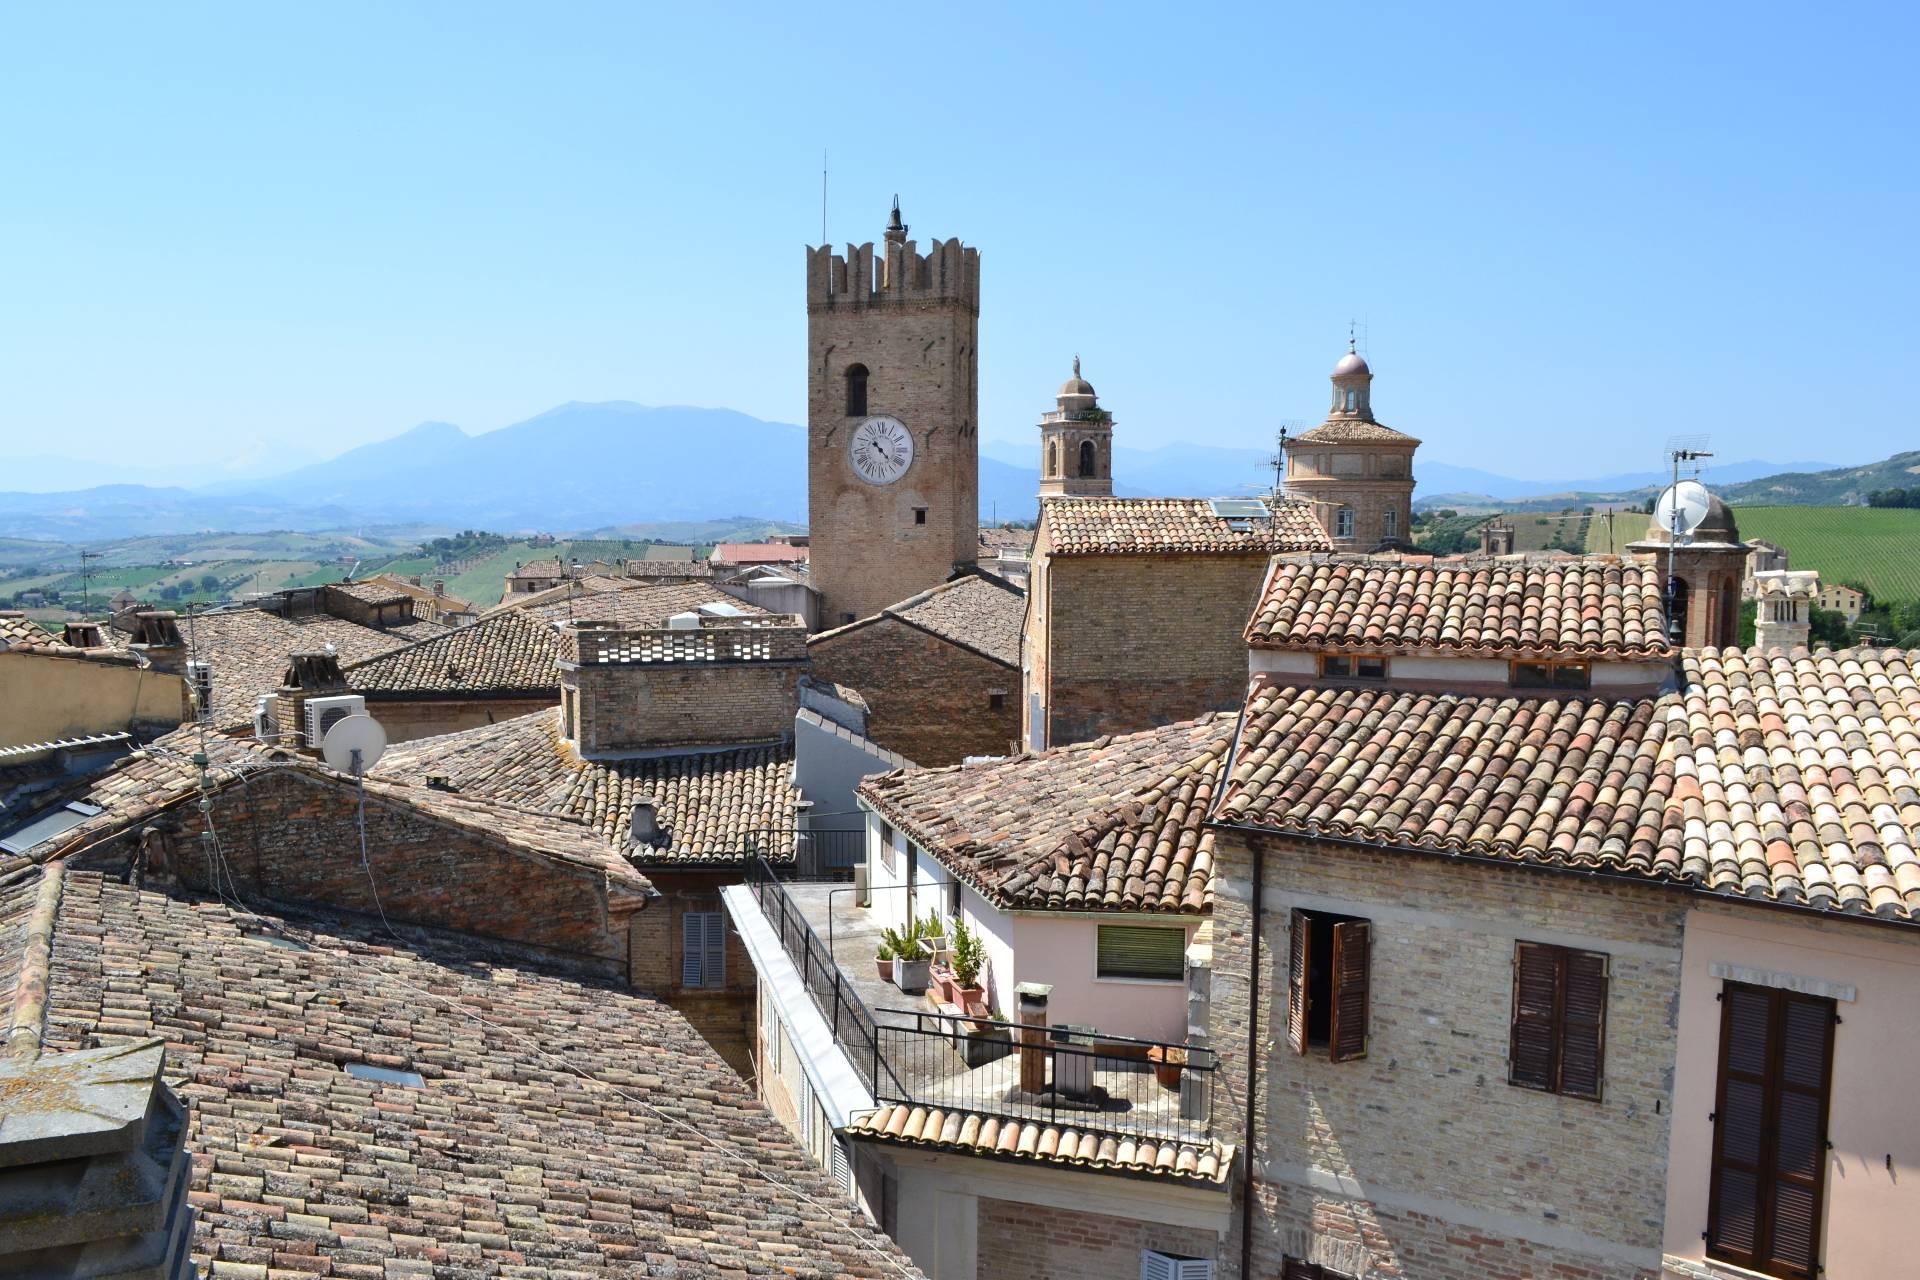 Palazzo / Stabile in vendita a Offida, 5 locali, prezzo € 65.000 | Cambio Casa.it